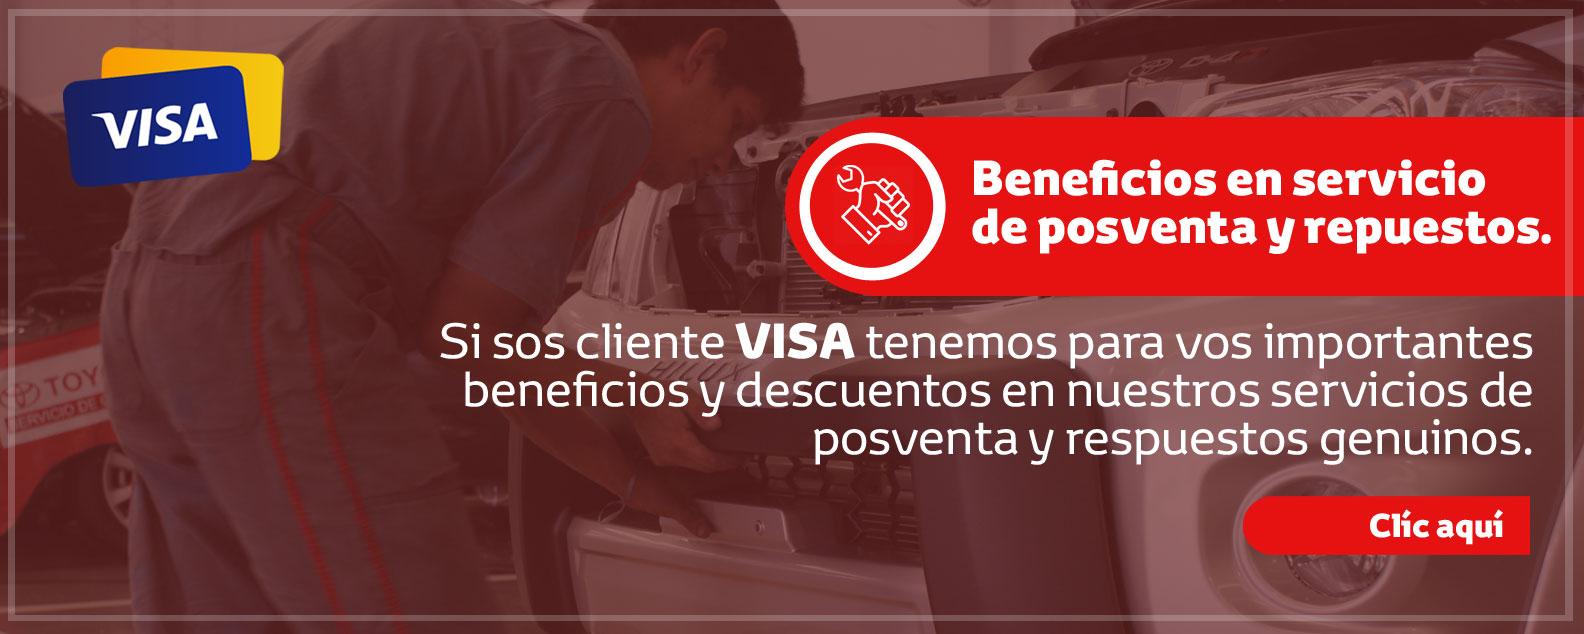 Promoción Posventa con tarjeta de crédito VISA